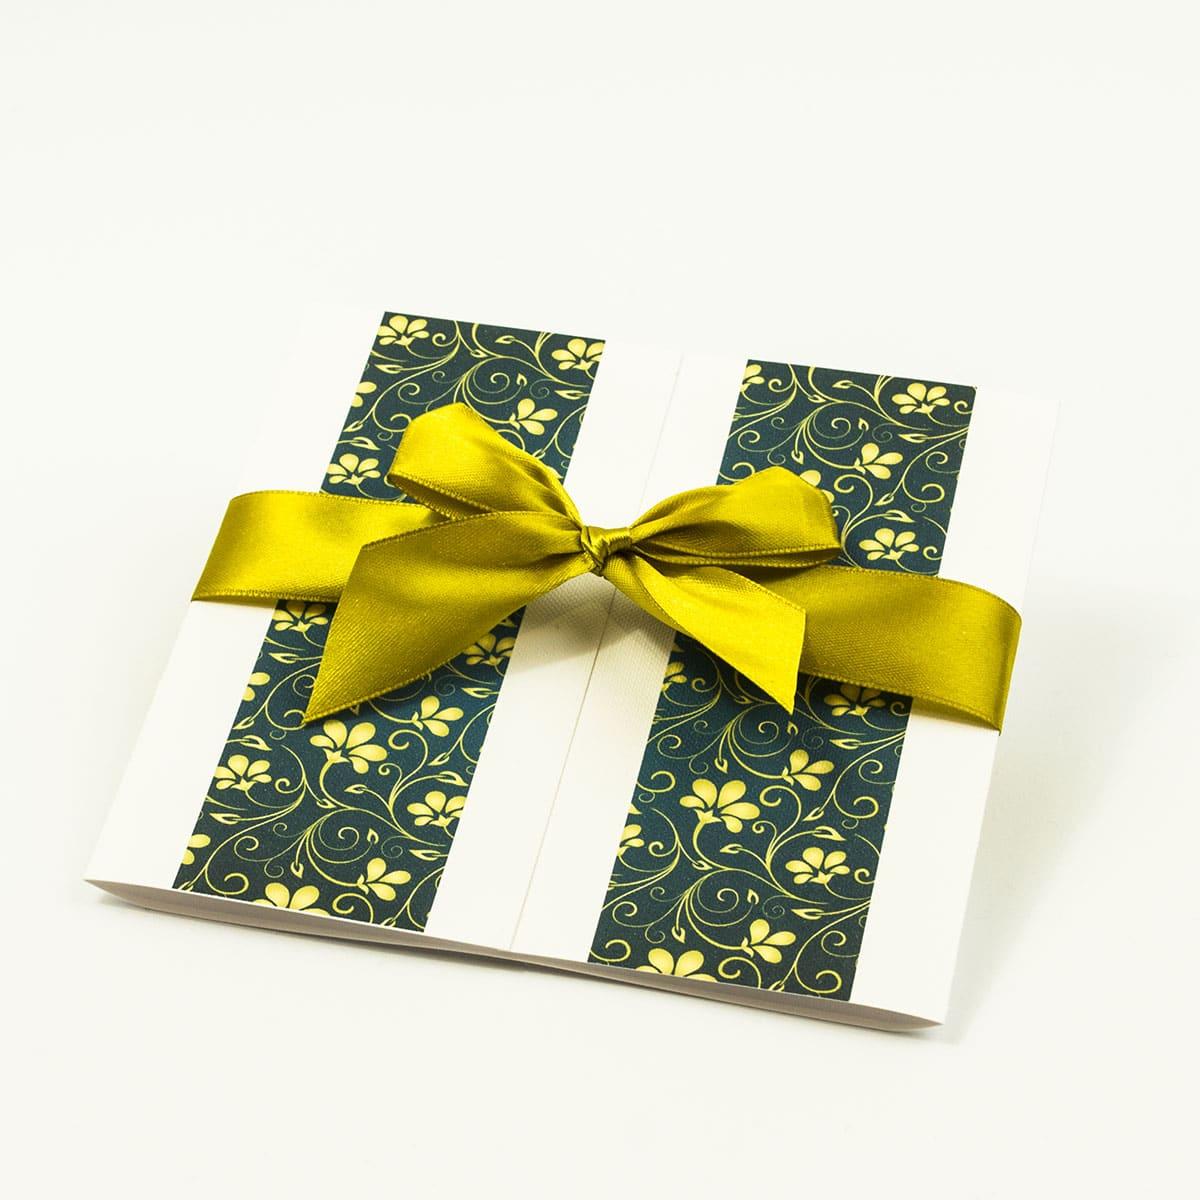 Zaproszenia ślubne z żółto-zielonym motywem kwiatowym, przewiązane wstążką po środku. ZAP-21-01